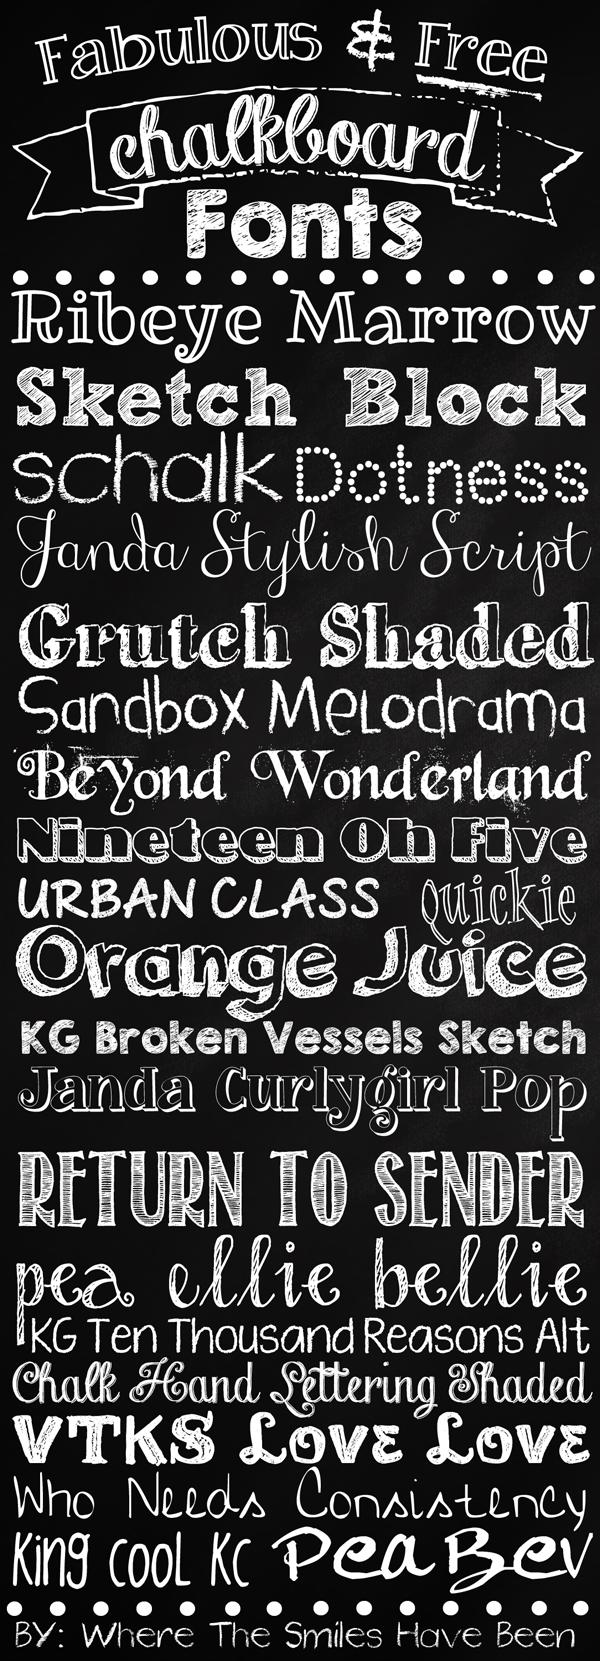 Fabulous Free Chalkboard Fonts Free Chalkboard Fonts Chalkboard Fonts Lettering